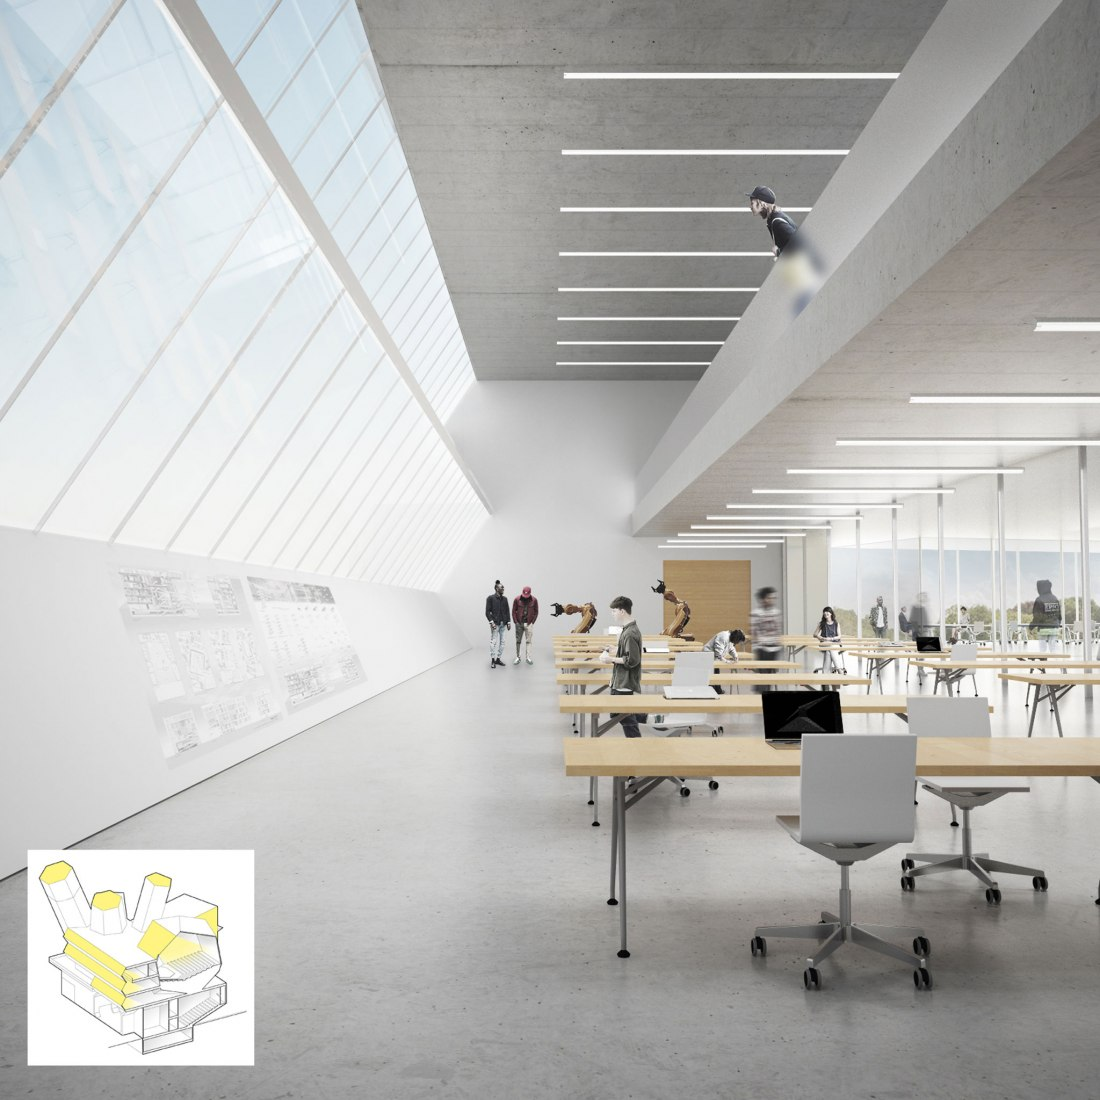 Vista interior. Futuro campus de la Universidad de Dublín por Steven Holl Architects. Visualización por Steven Holl Architects